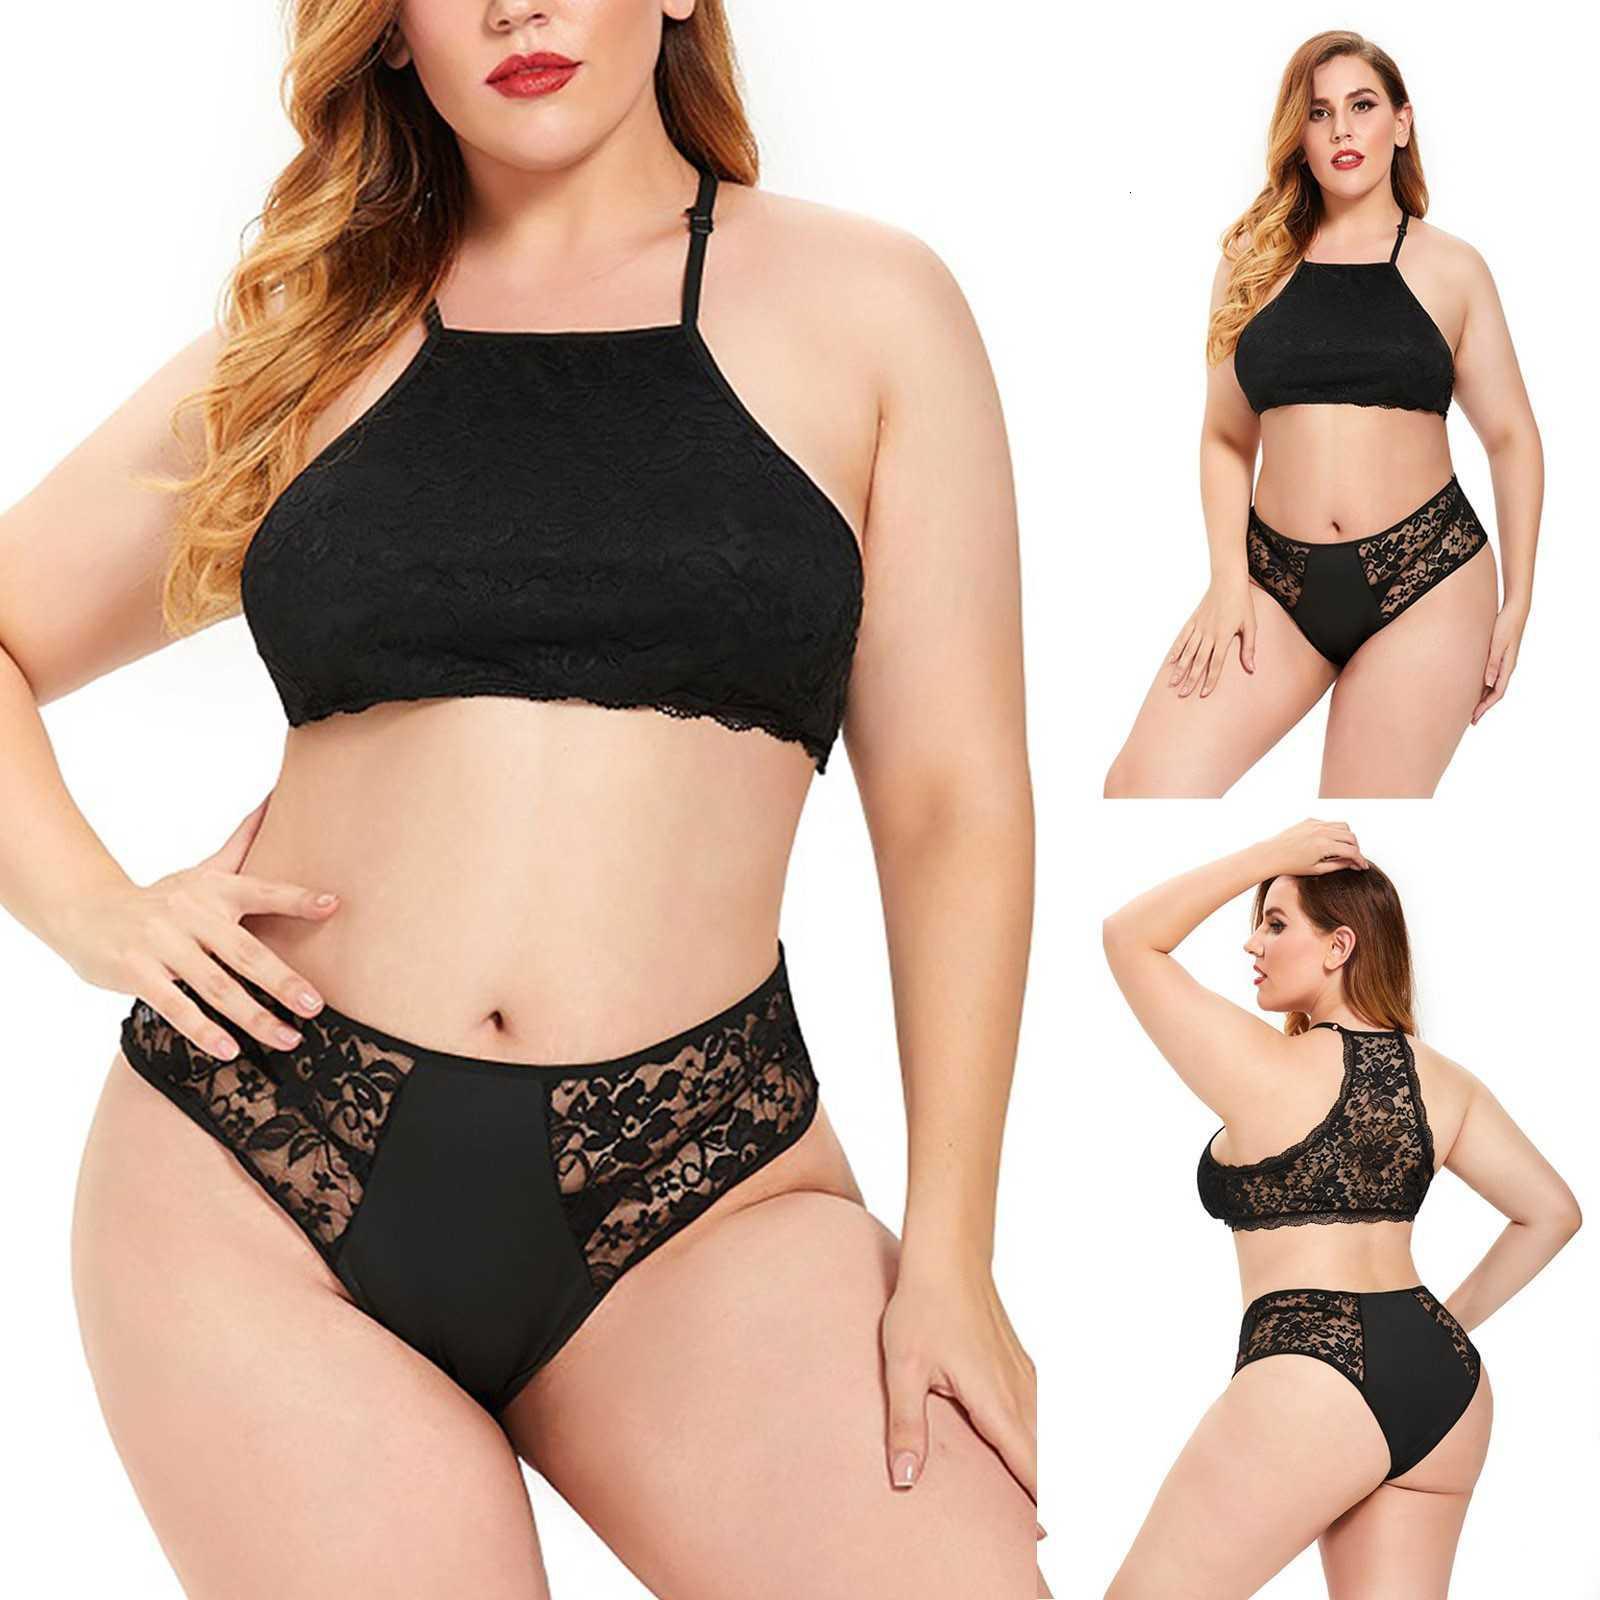 Nouveau BH Set Femme Sexy Plus Taille Lingerie Ee Sous-vêtements Élégant Nuit Vêtements